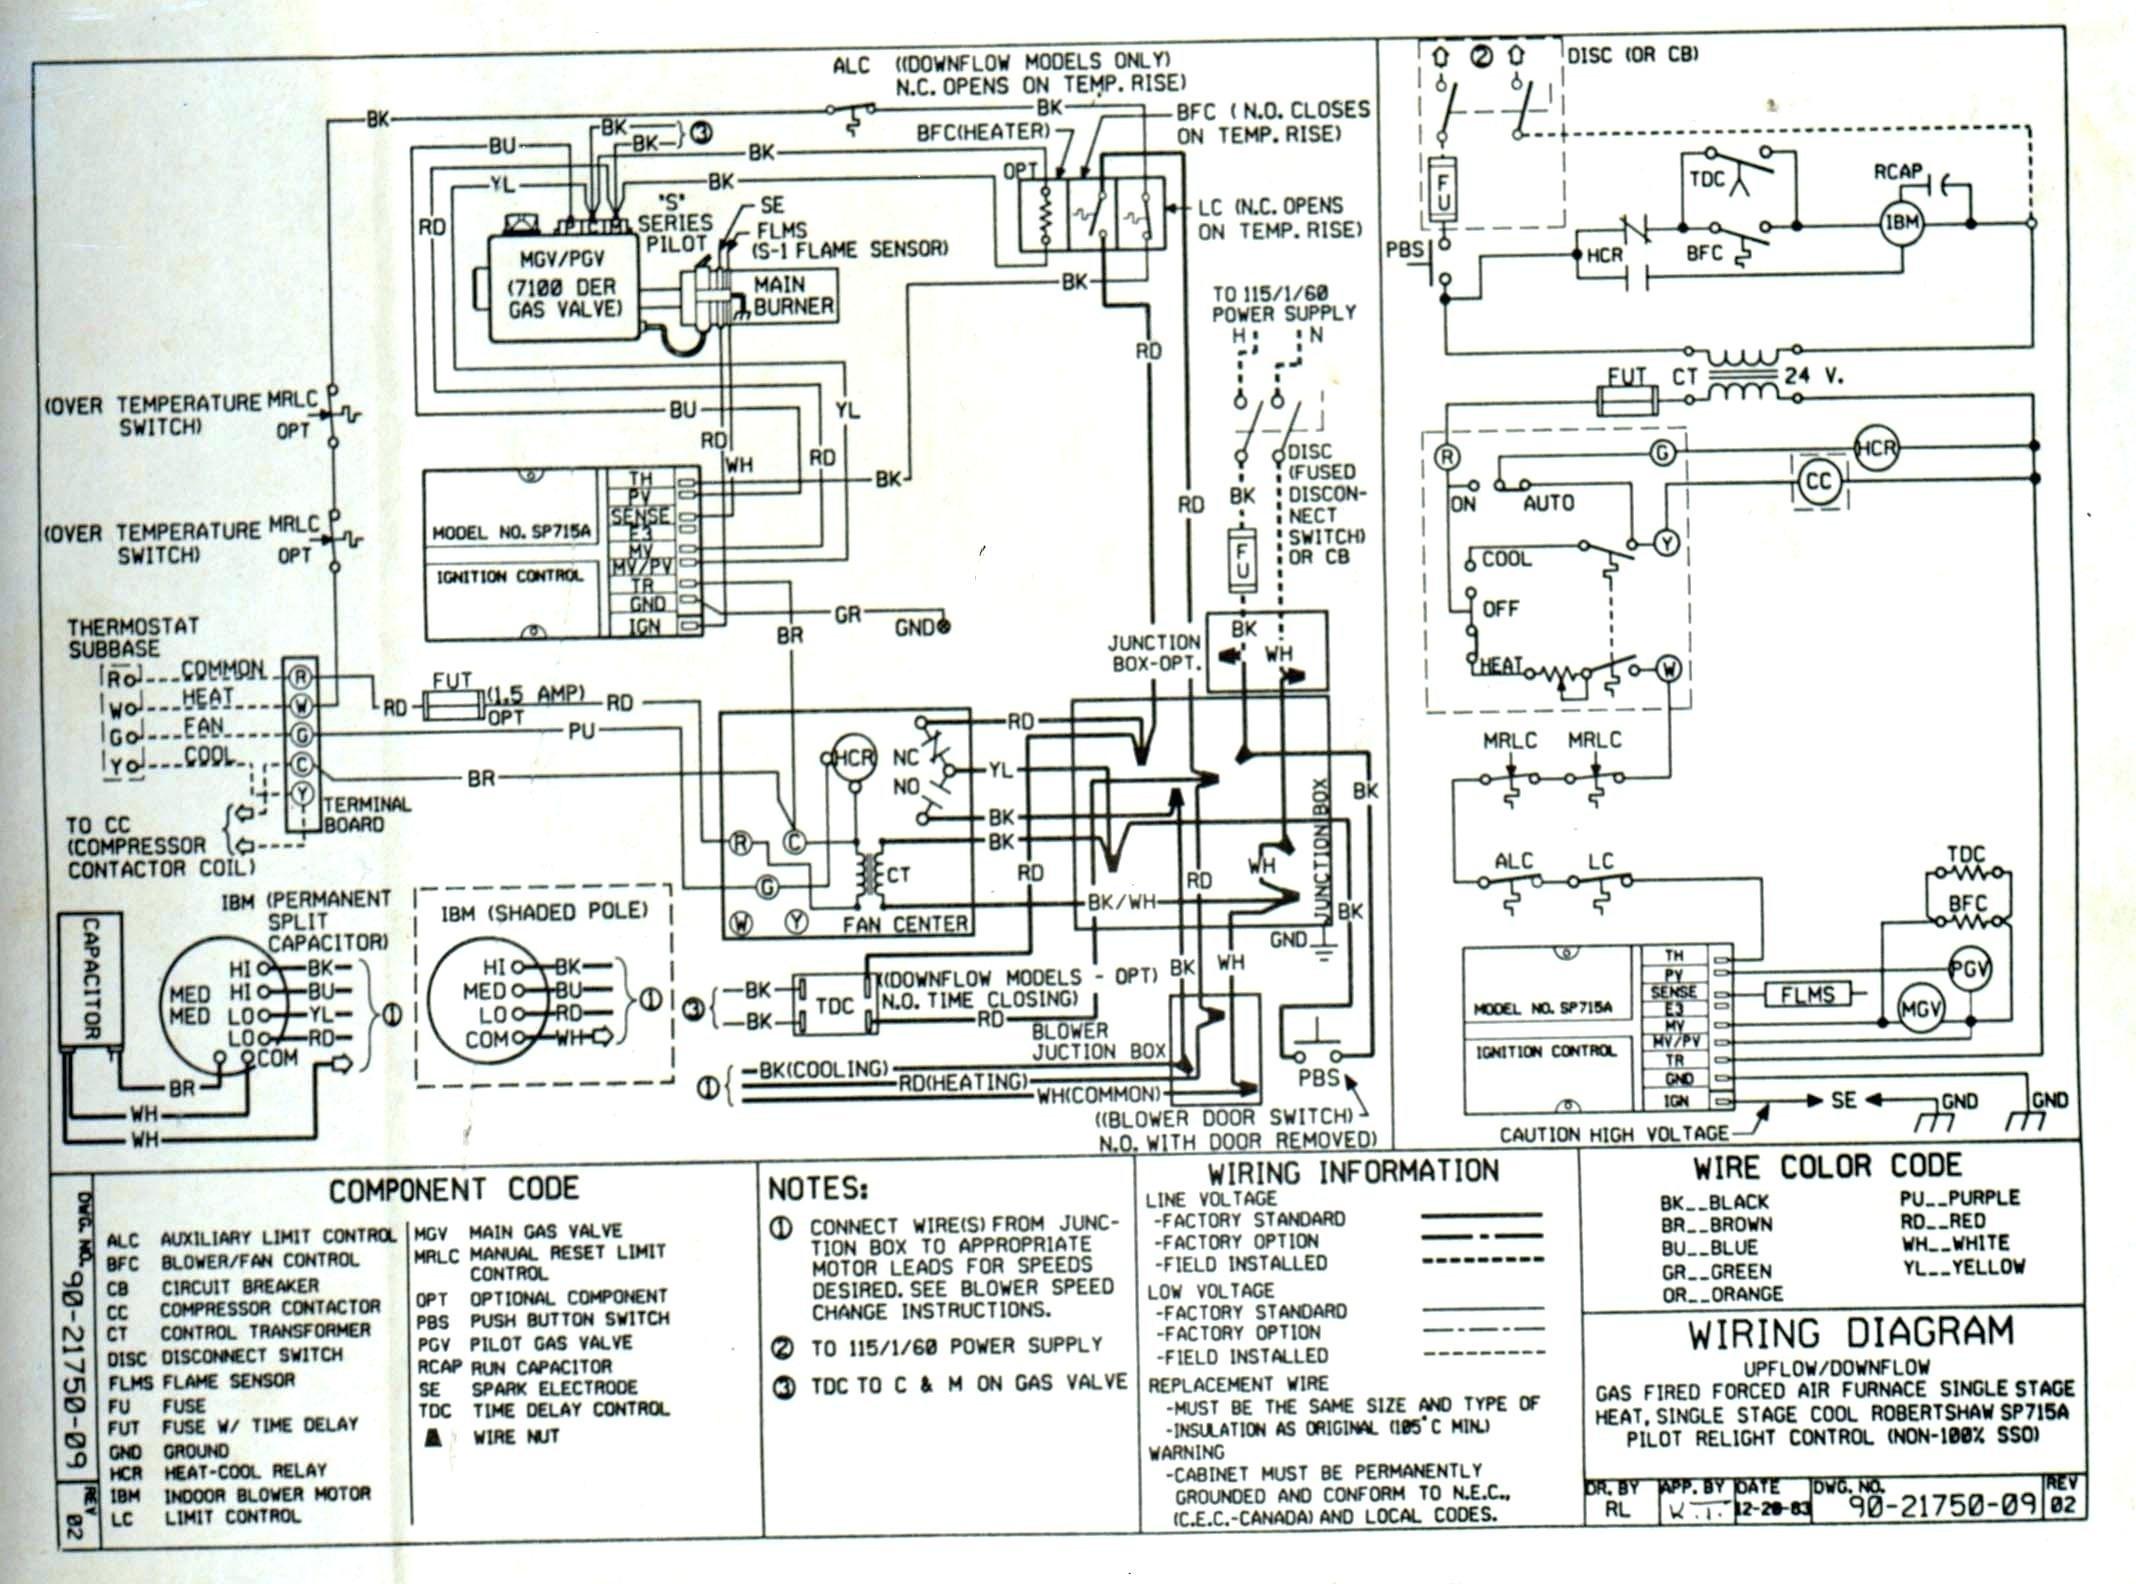 Ac System Diagram Car Wiring Diagram Car Aircon Free Download Wiring Diagram Of Ac System Diagram Car